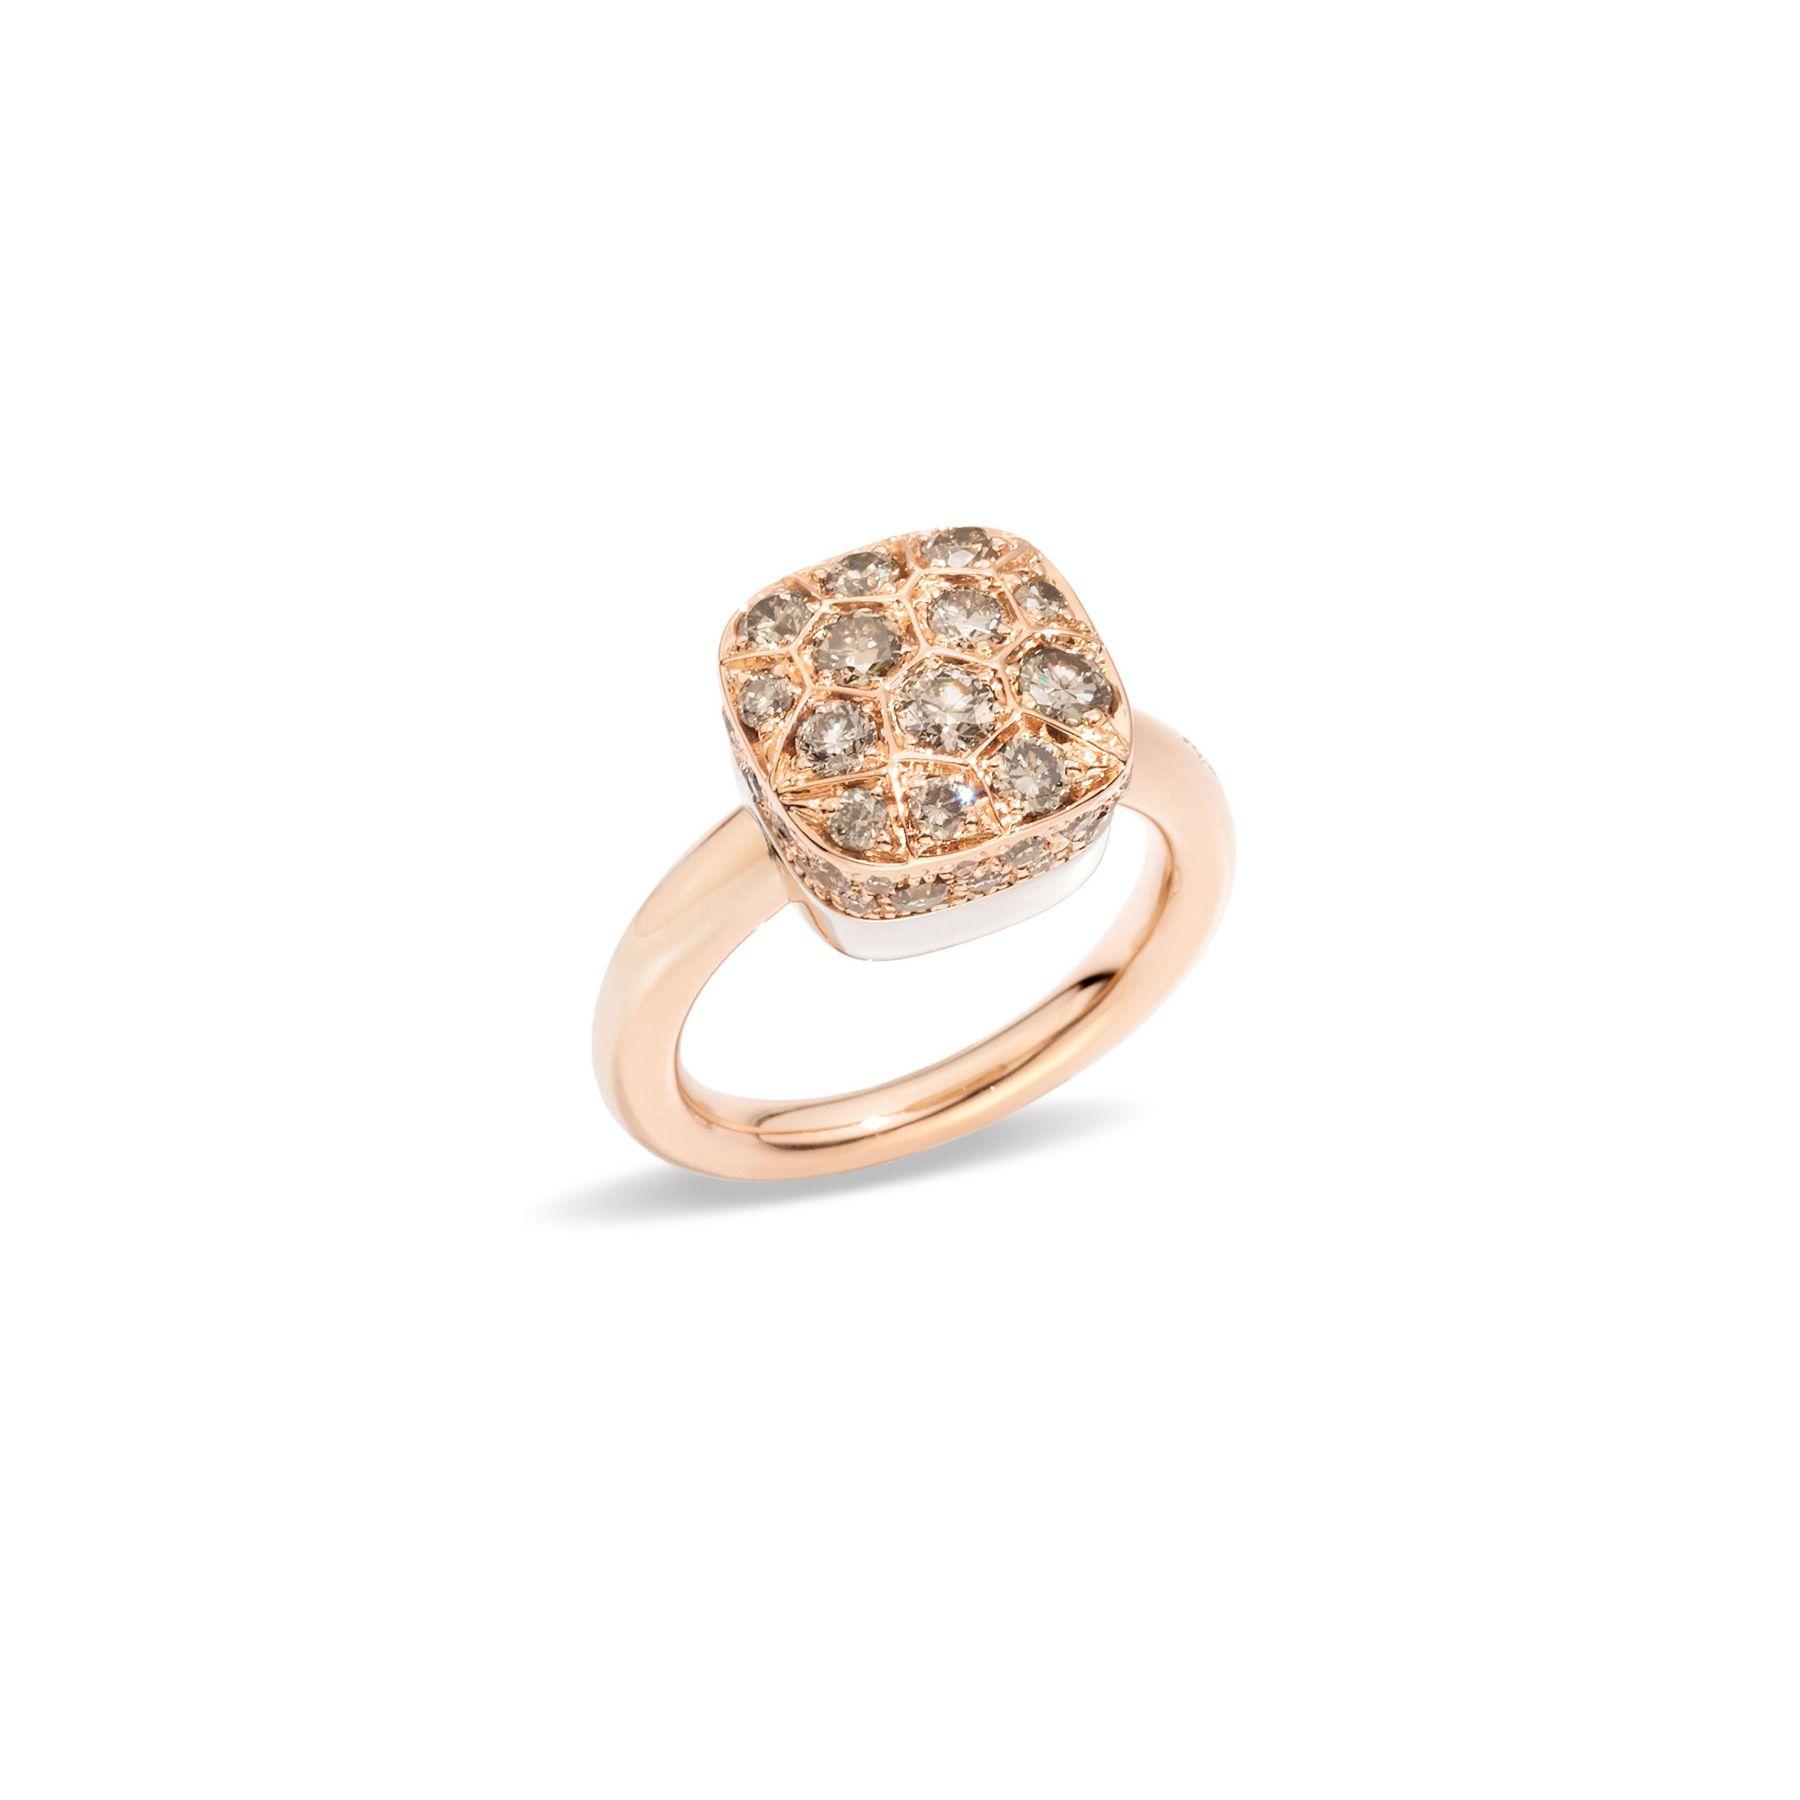 Bague Pomellato Luna en or rose, or blanc et diamants marrons vue 1